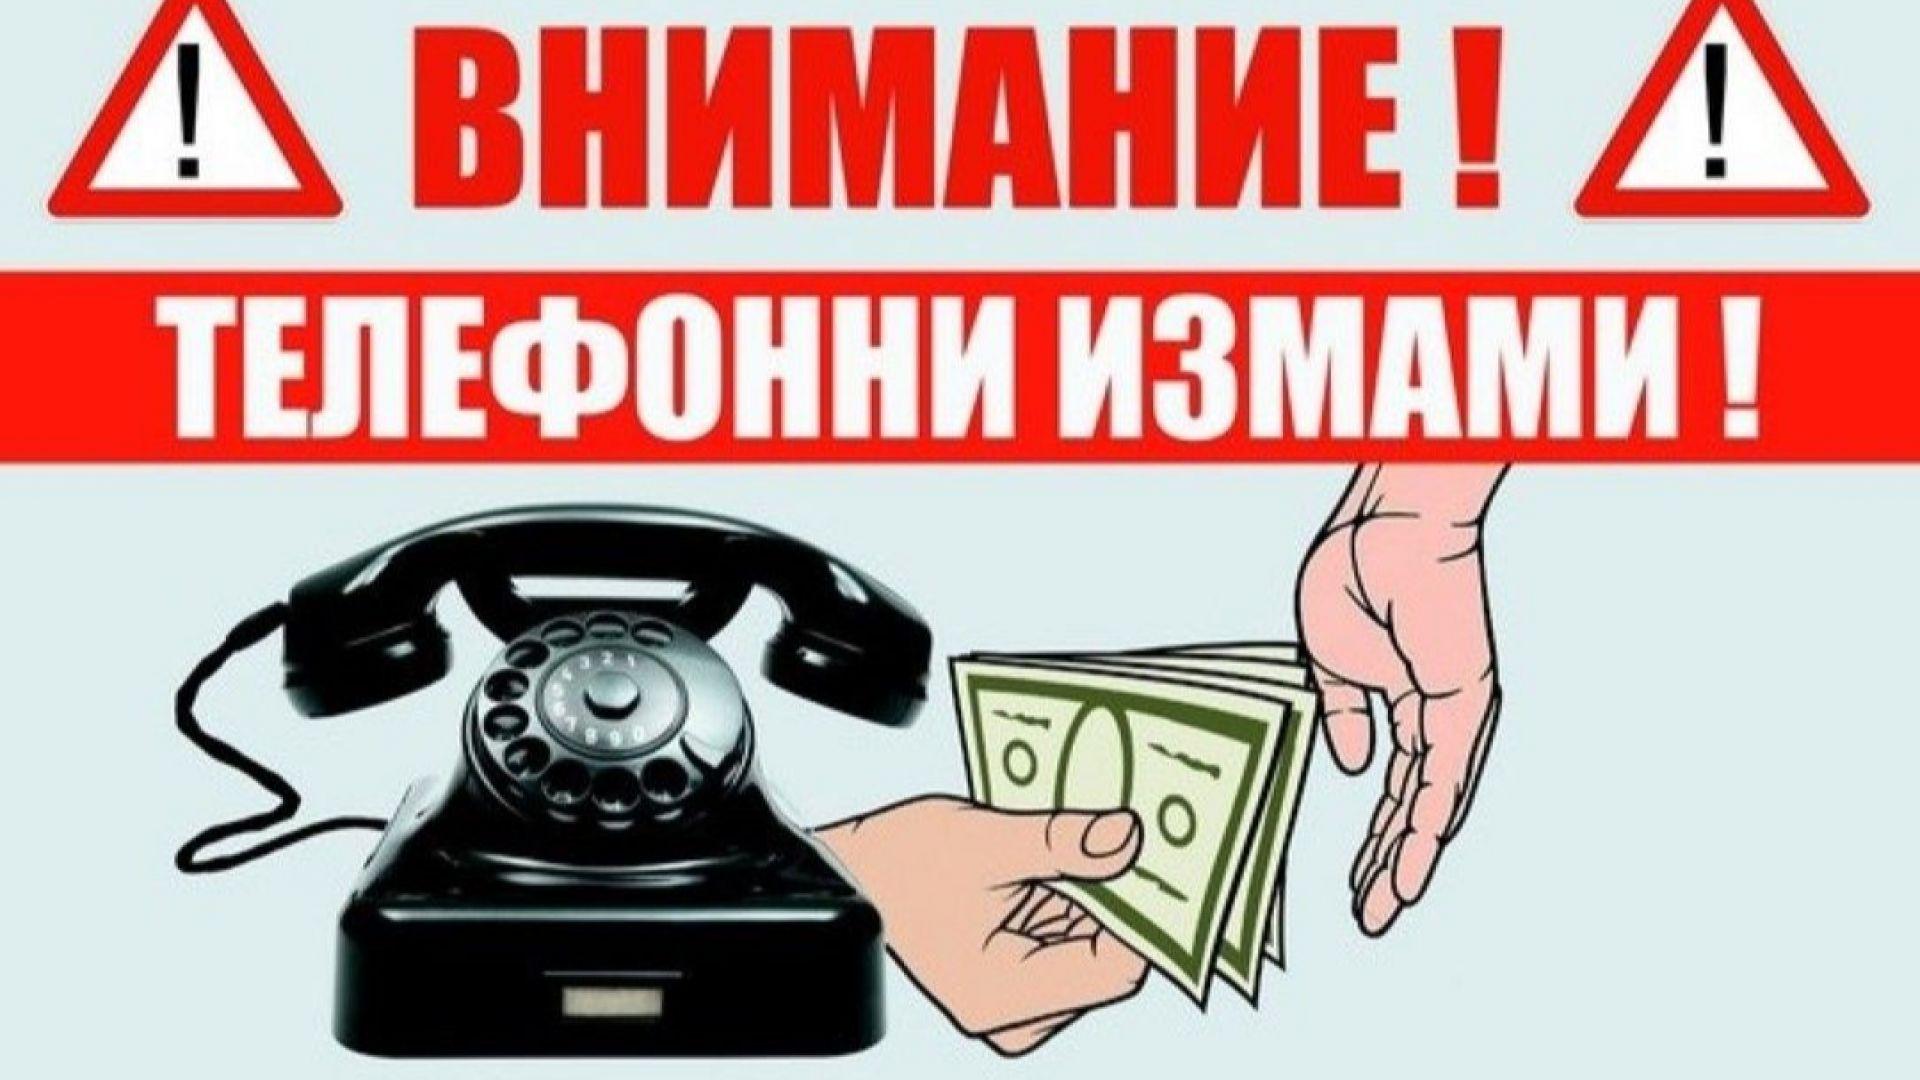 Жена даде 30 000 евро на телефонни измамници